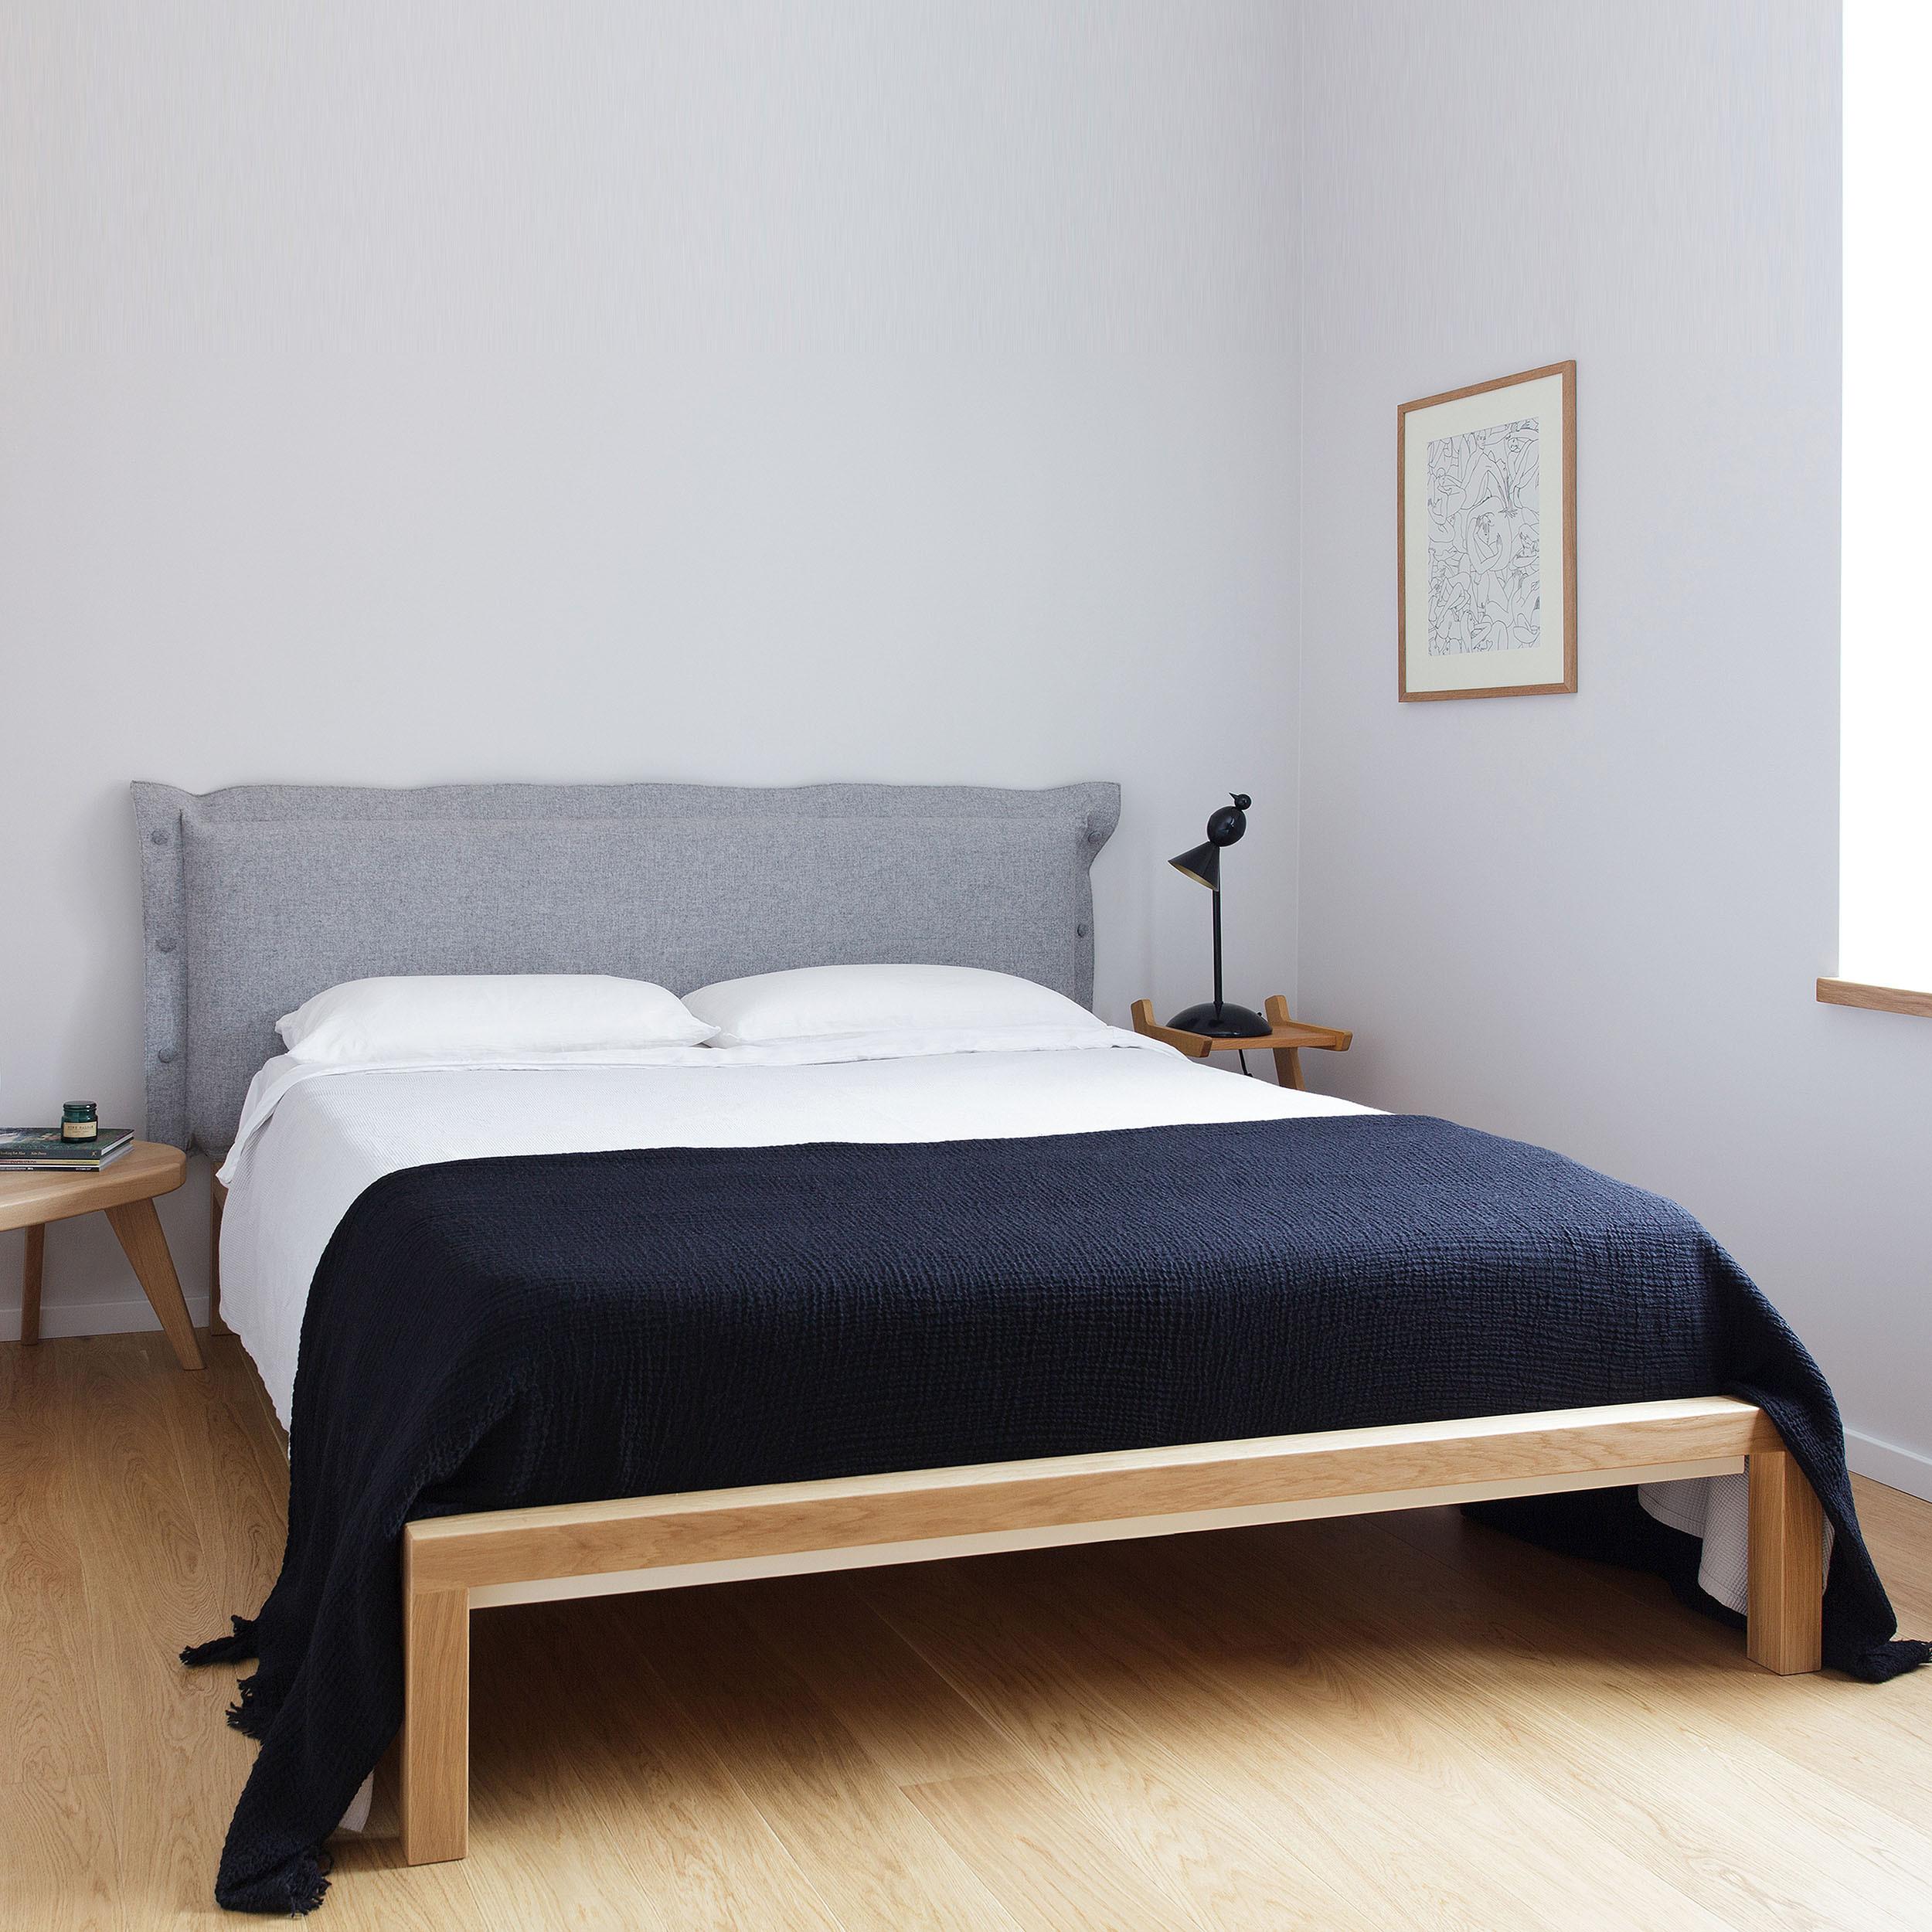 Velito Bett mit gepolstertem Kopfteil 160 grau - - A055988 ...